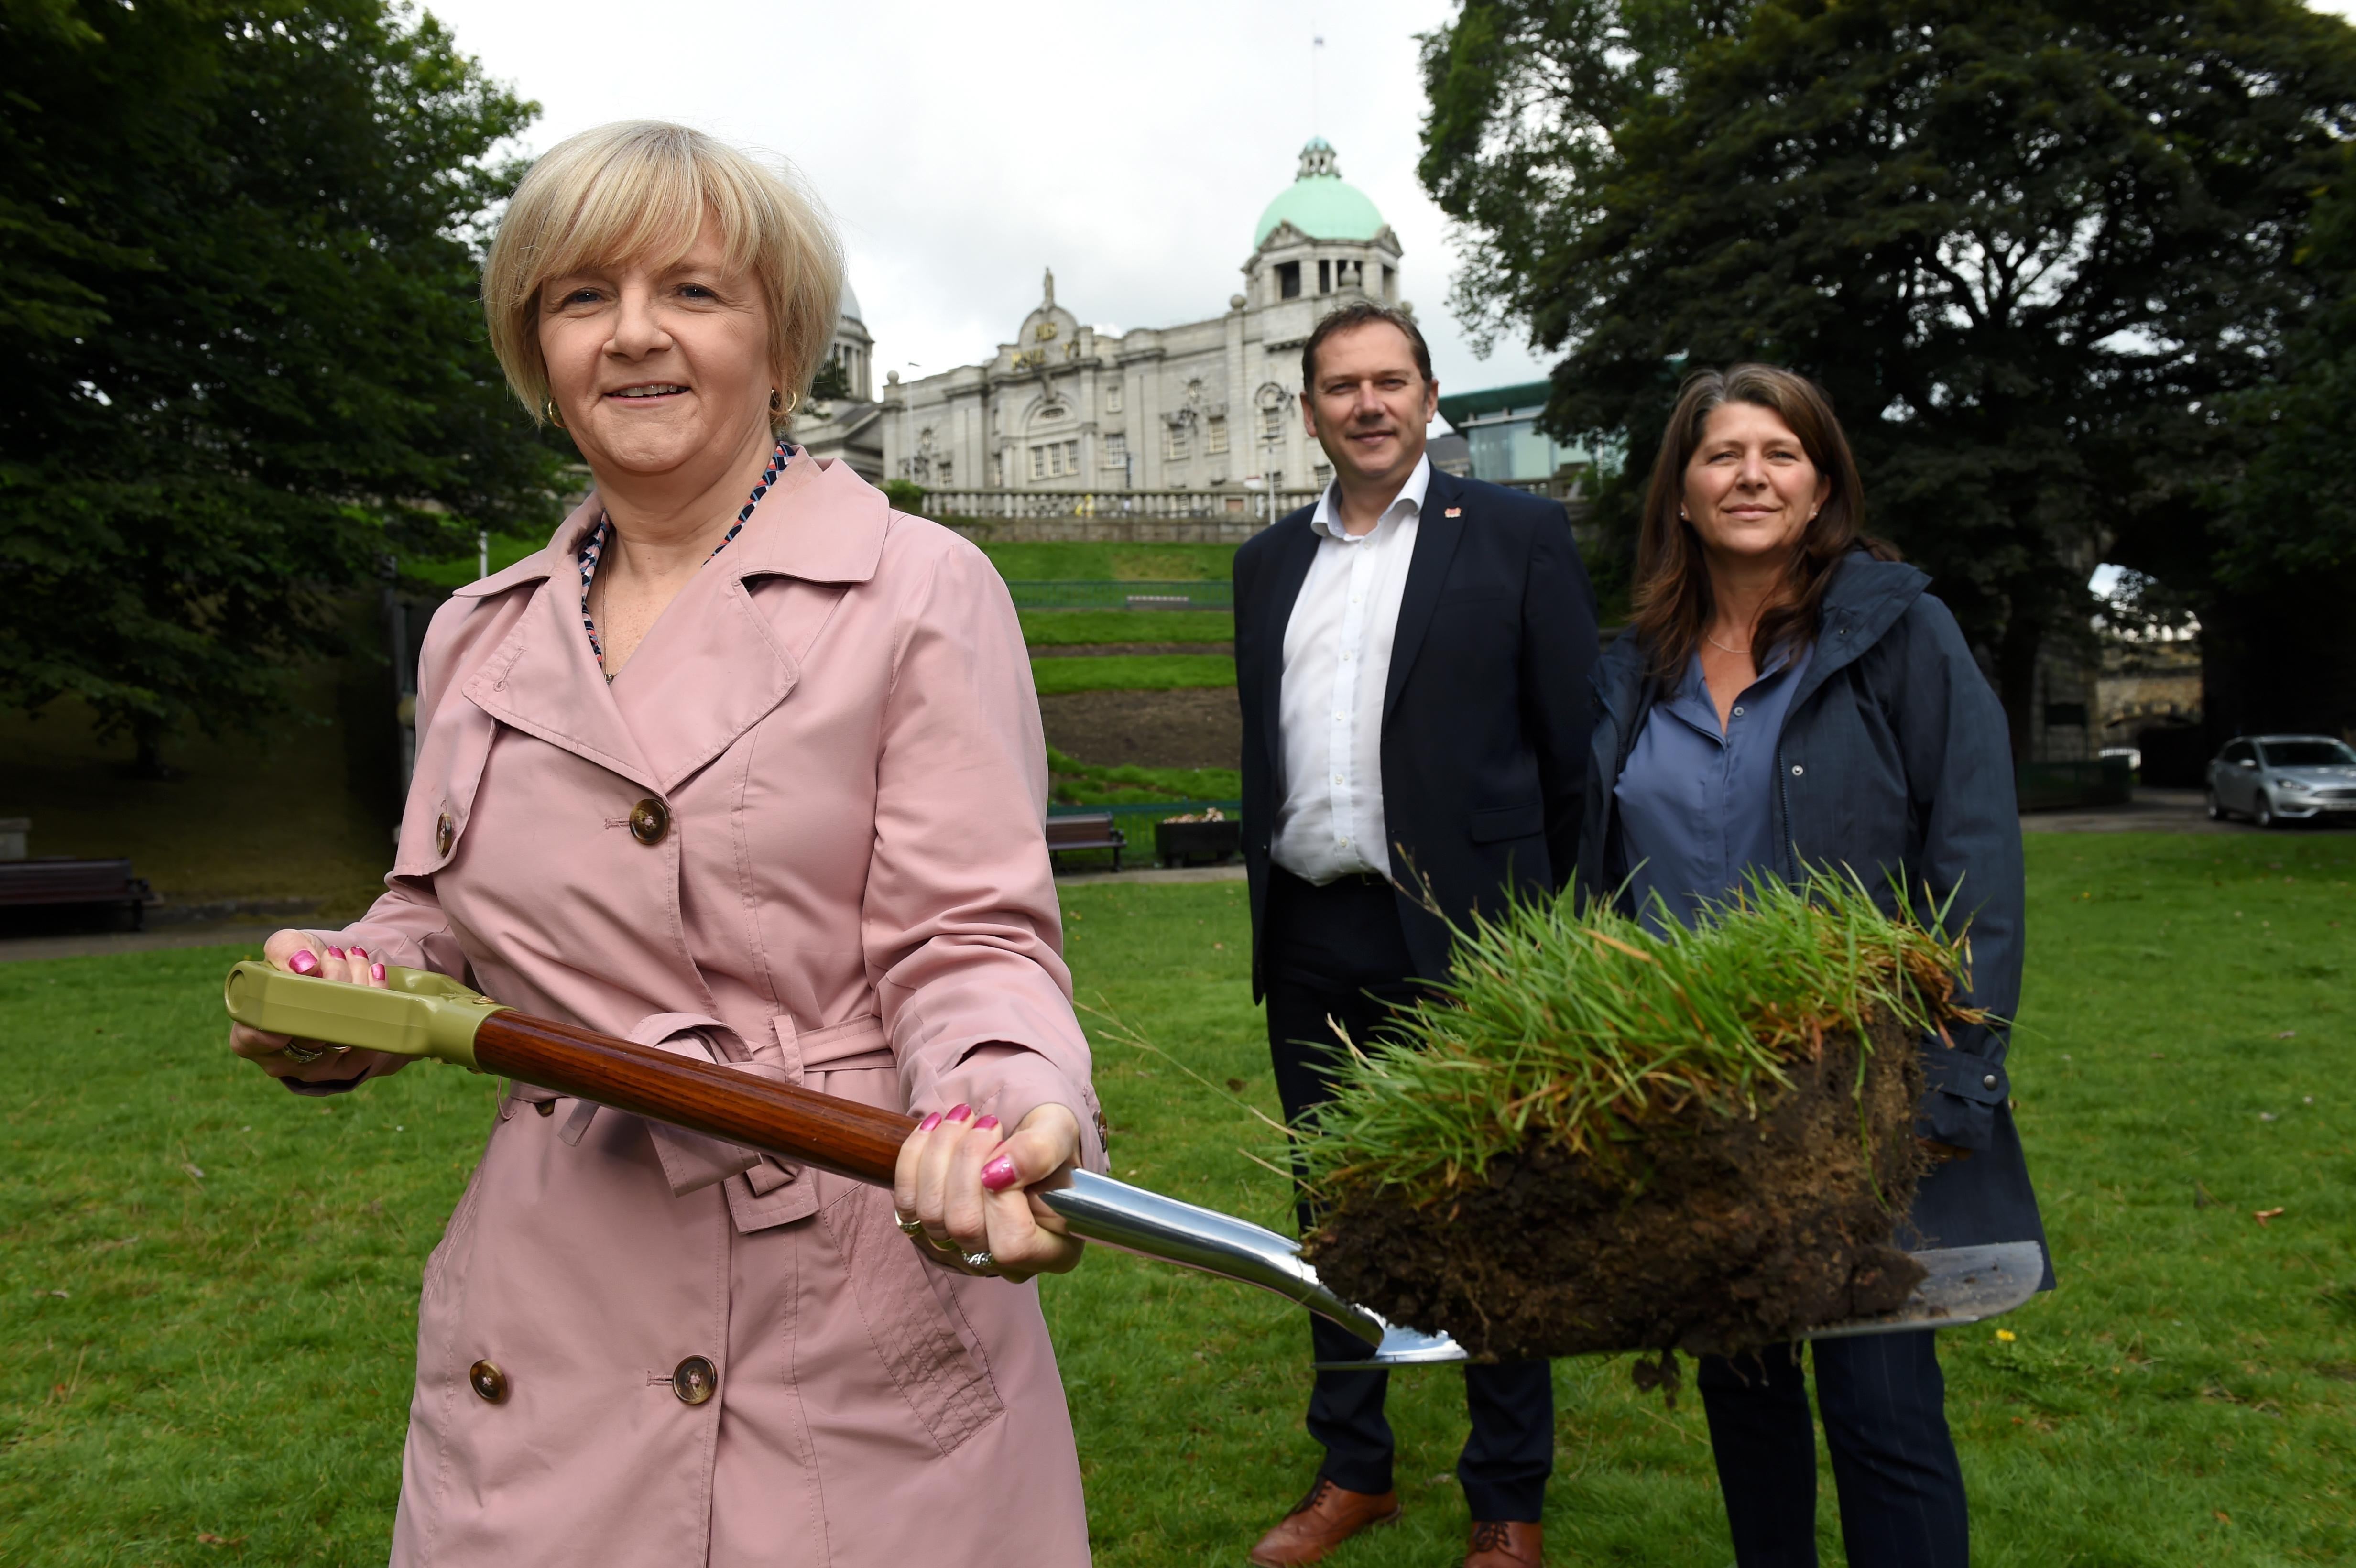 Council Co-Leaders Cllr Jenny Laing, Douglas Lumsden and culture spokesperson Cllr Marie Boulton.